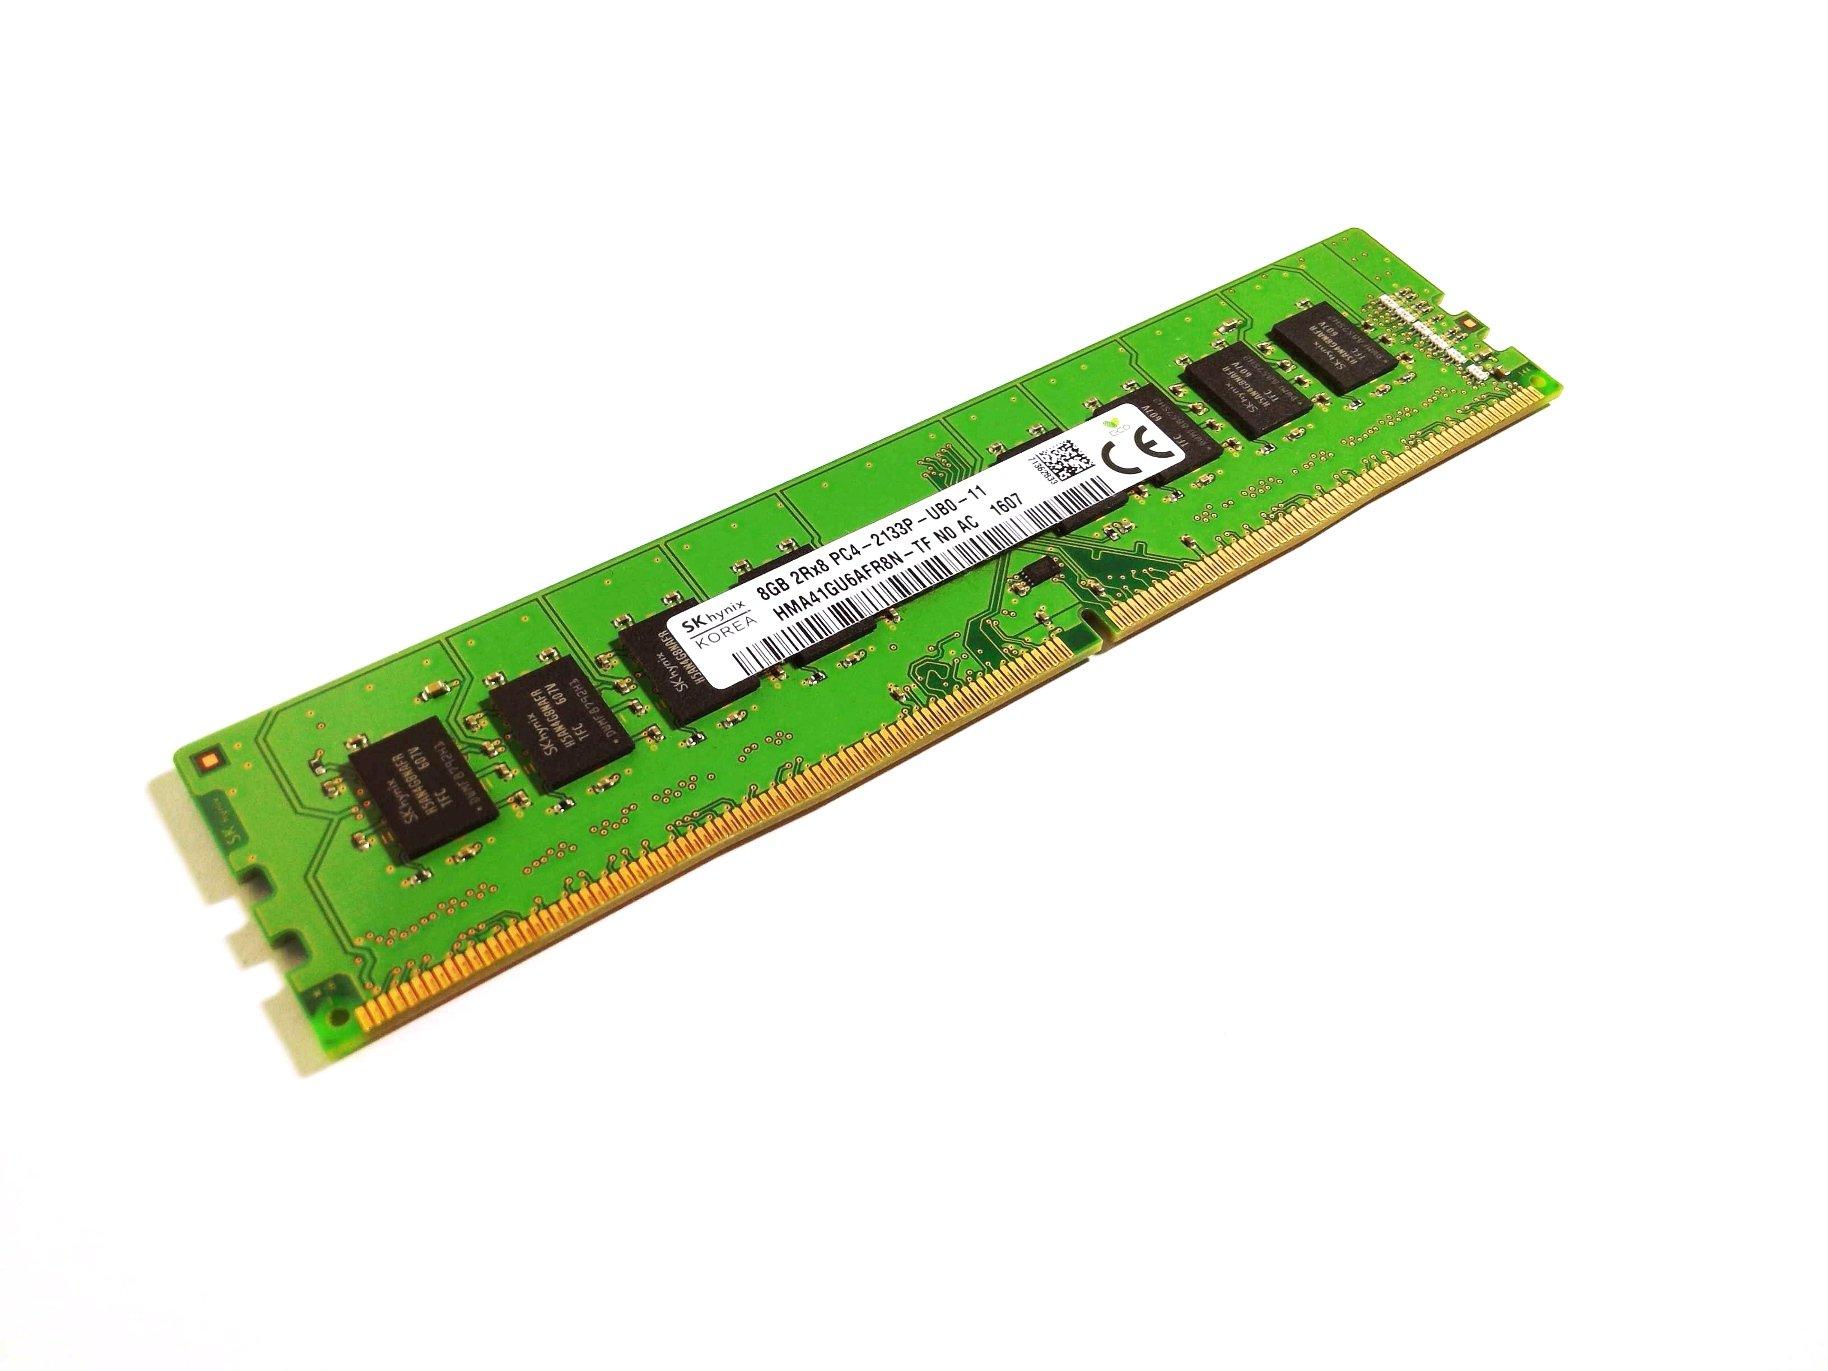 AMD HD960BWCJ4BGH AMD Phenom X4 9600B 2.3Ghz 533Mhz C